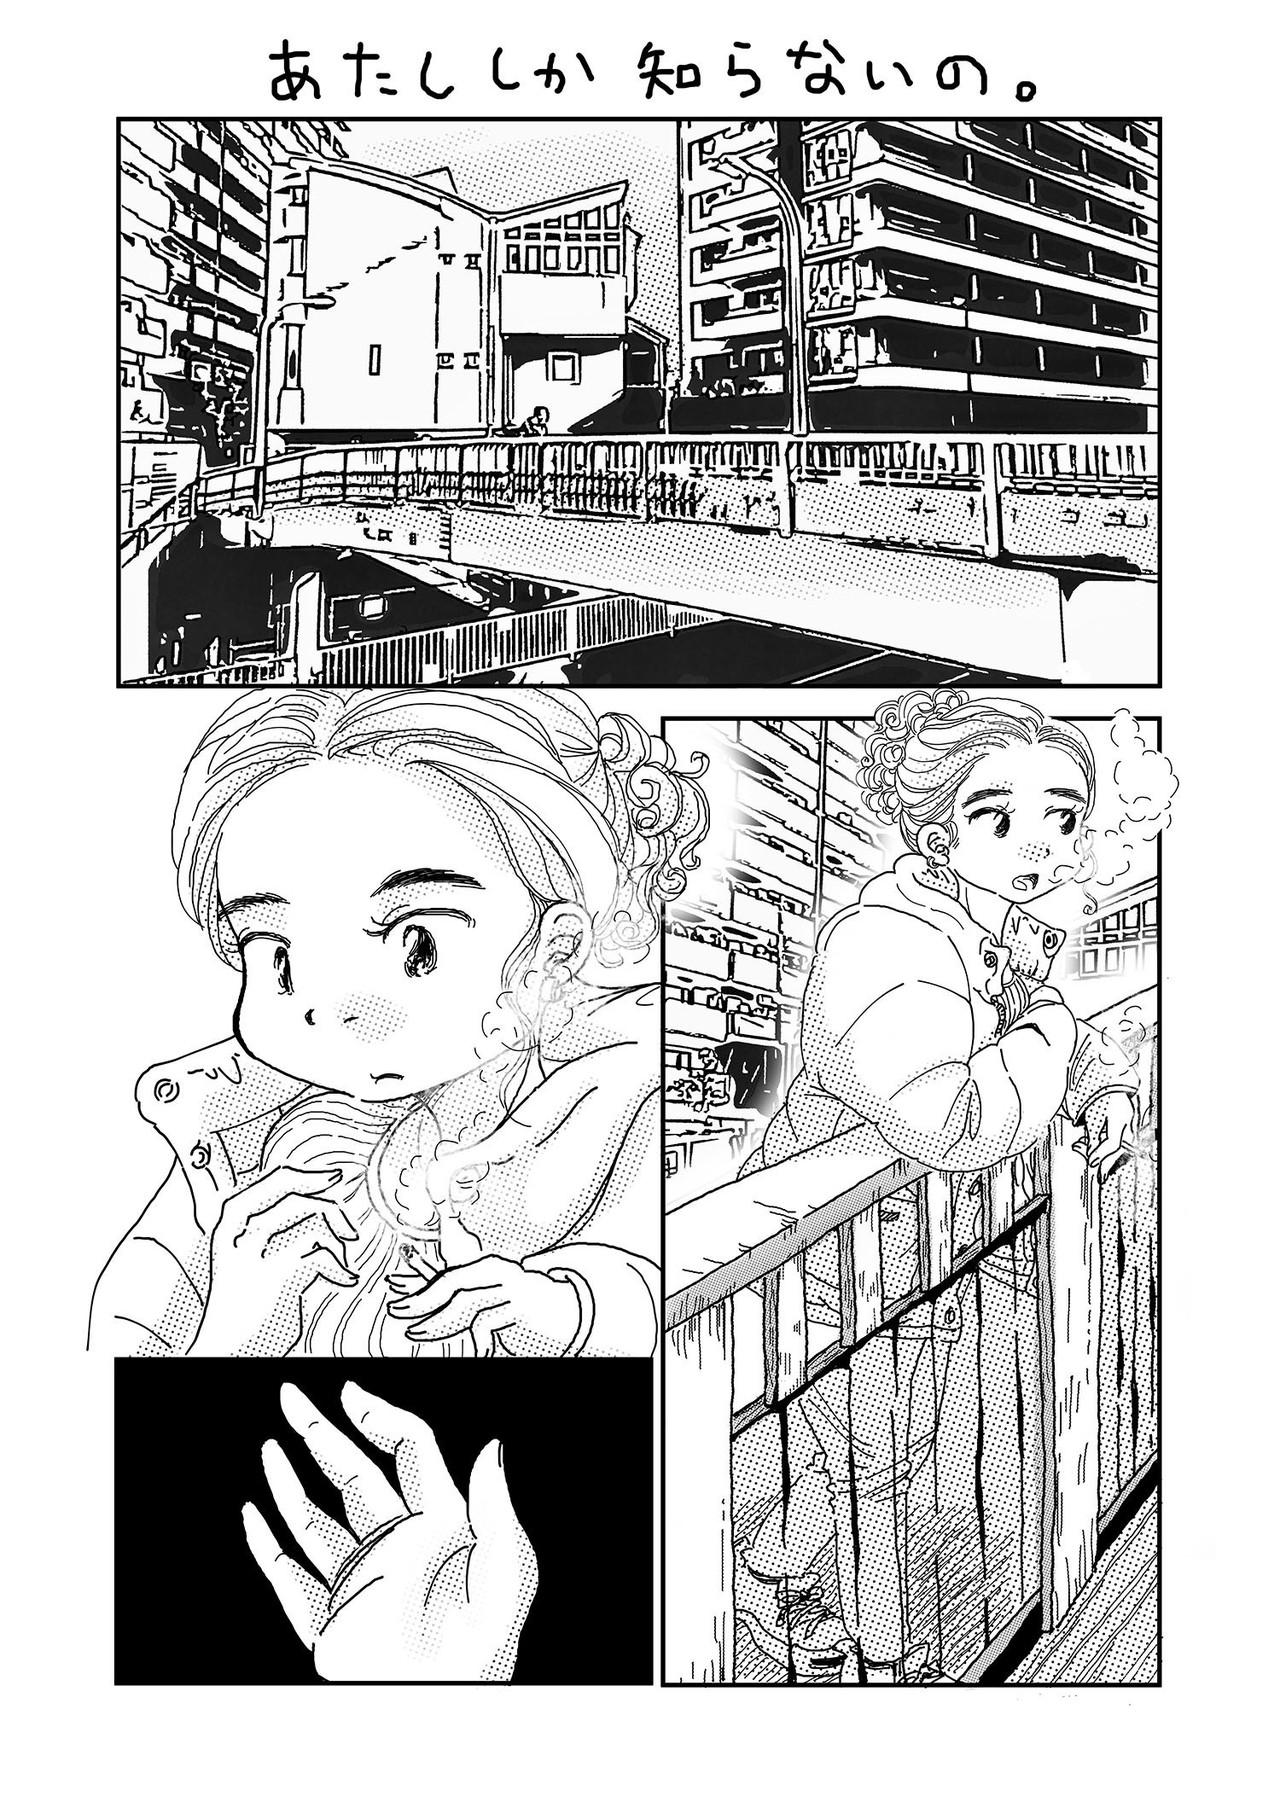 2019年2月17日に東京ビックサイトにて開催されました「コミティア127」で配布した2P漫画です。